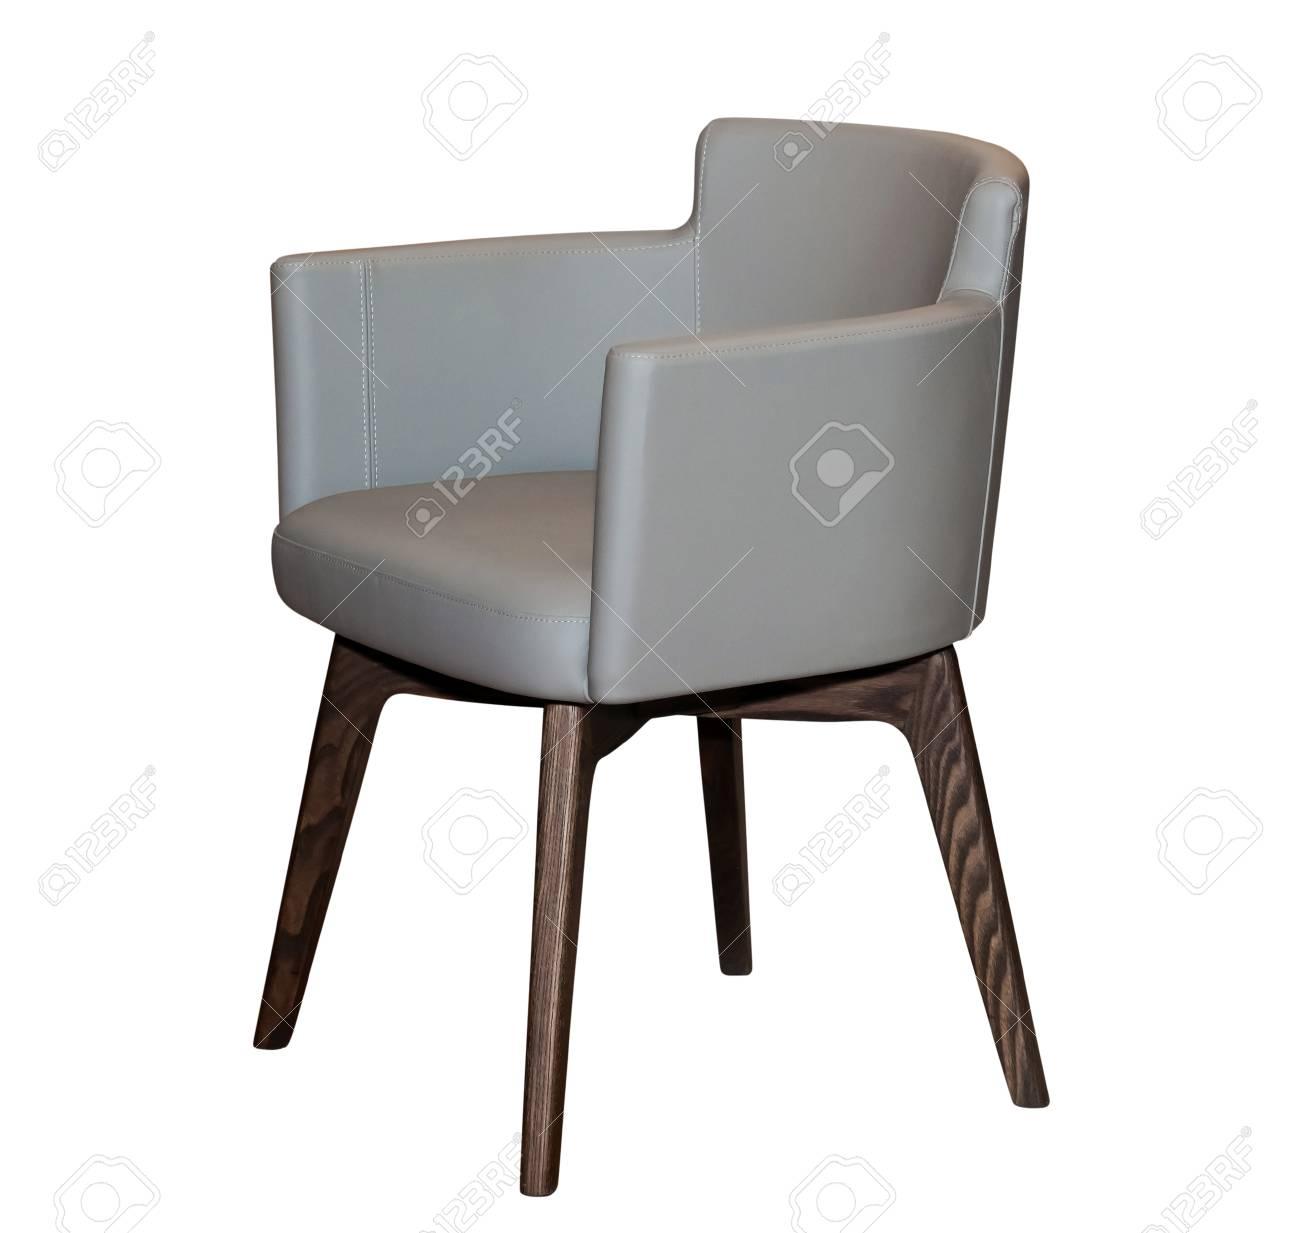 Beeindruckend Stuhl Leder Grau Galerie Von Moderne Isoliert Auf Weißen Hintergrund Standard-bild -